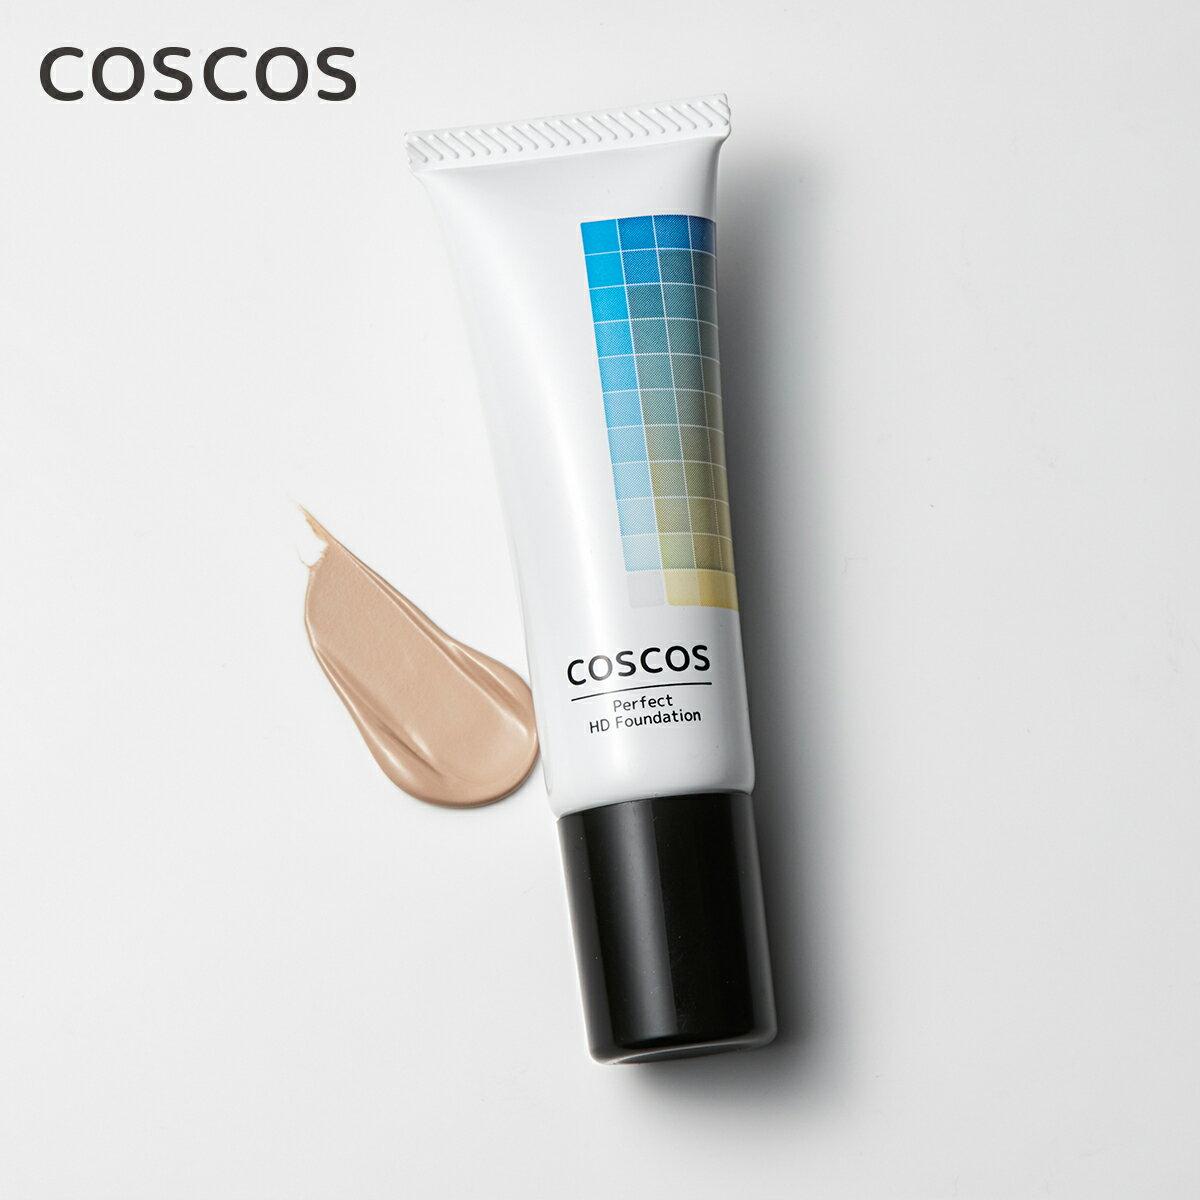 COSCOS リキッドファンデーション Mナチュラル01 ベージュ 高カバー力 毛穴レス コスコス コスプレ 持続 カメラ映え 透明肌